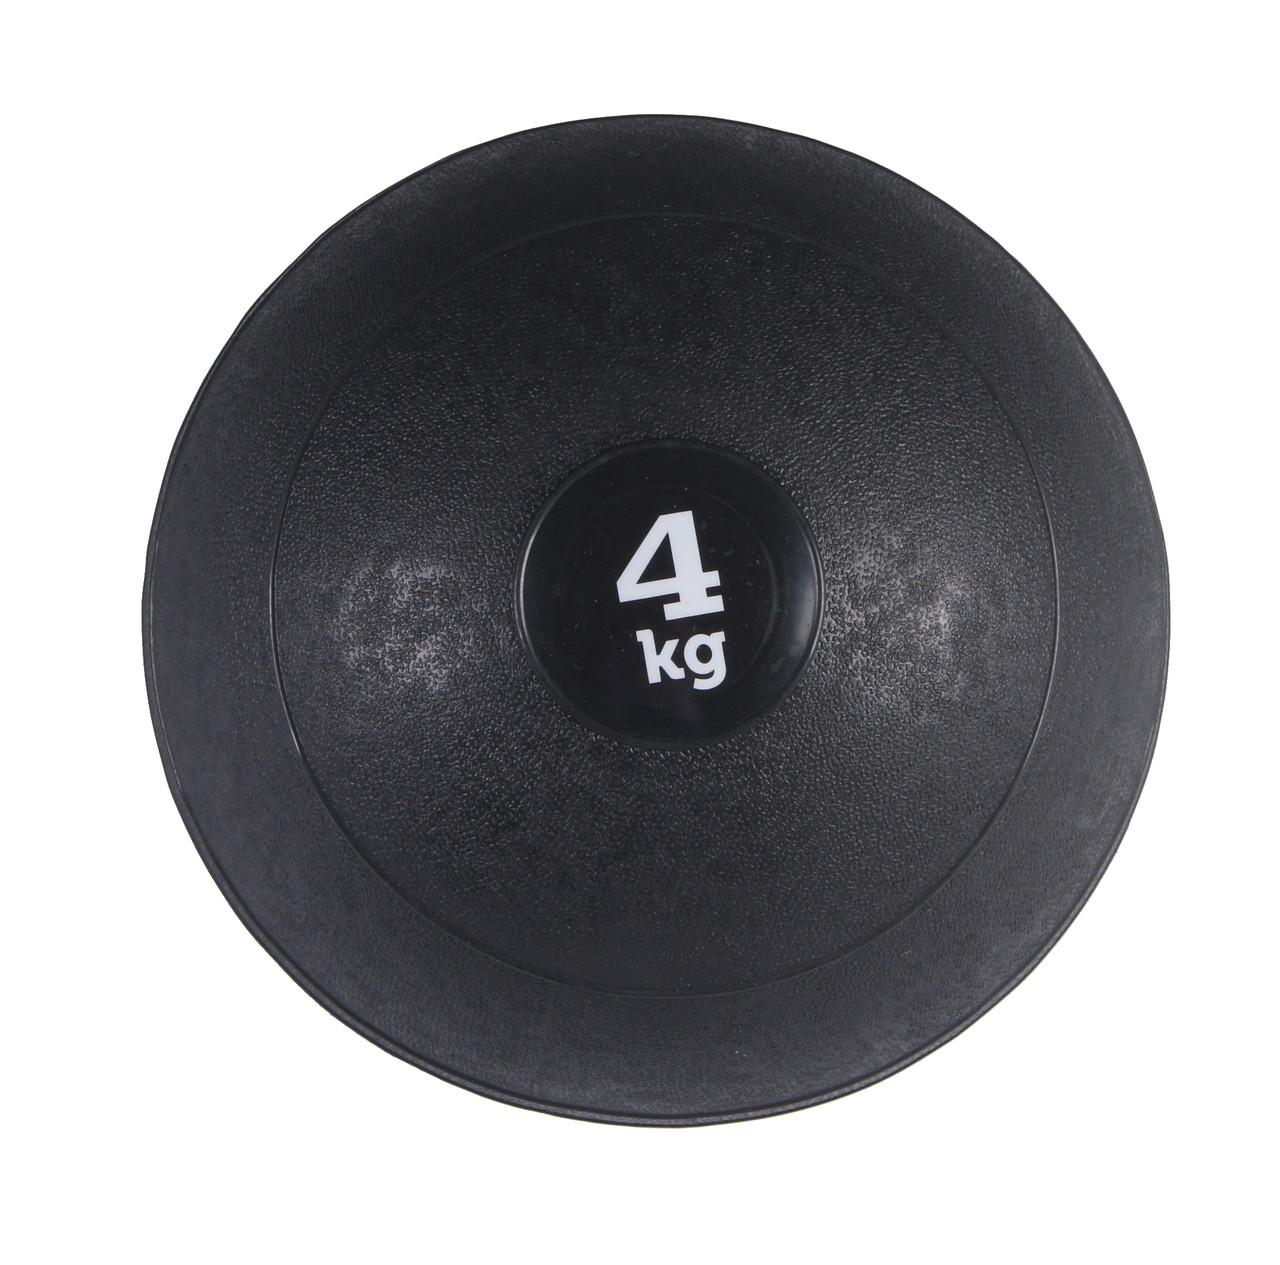 Слембол (медичний м'яч) для кроссфита SportVida Slam Ball 4 кг SV-HK0058 Black